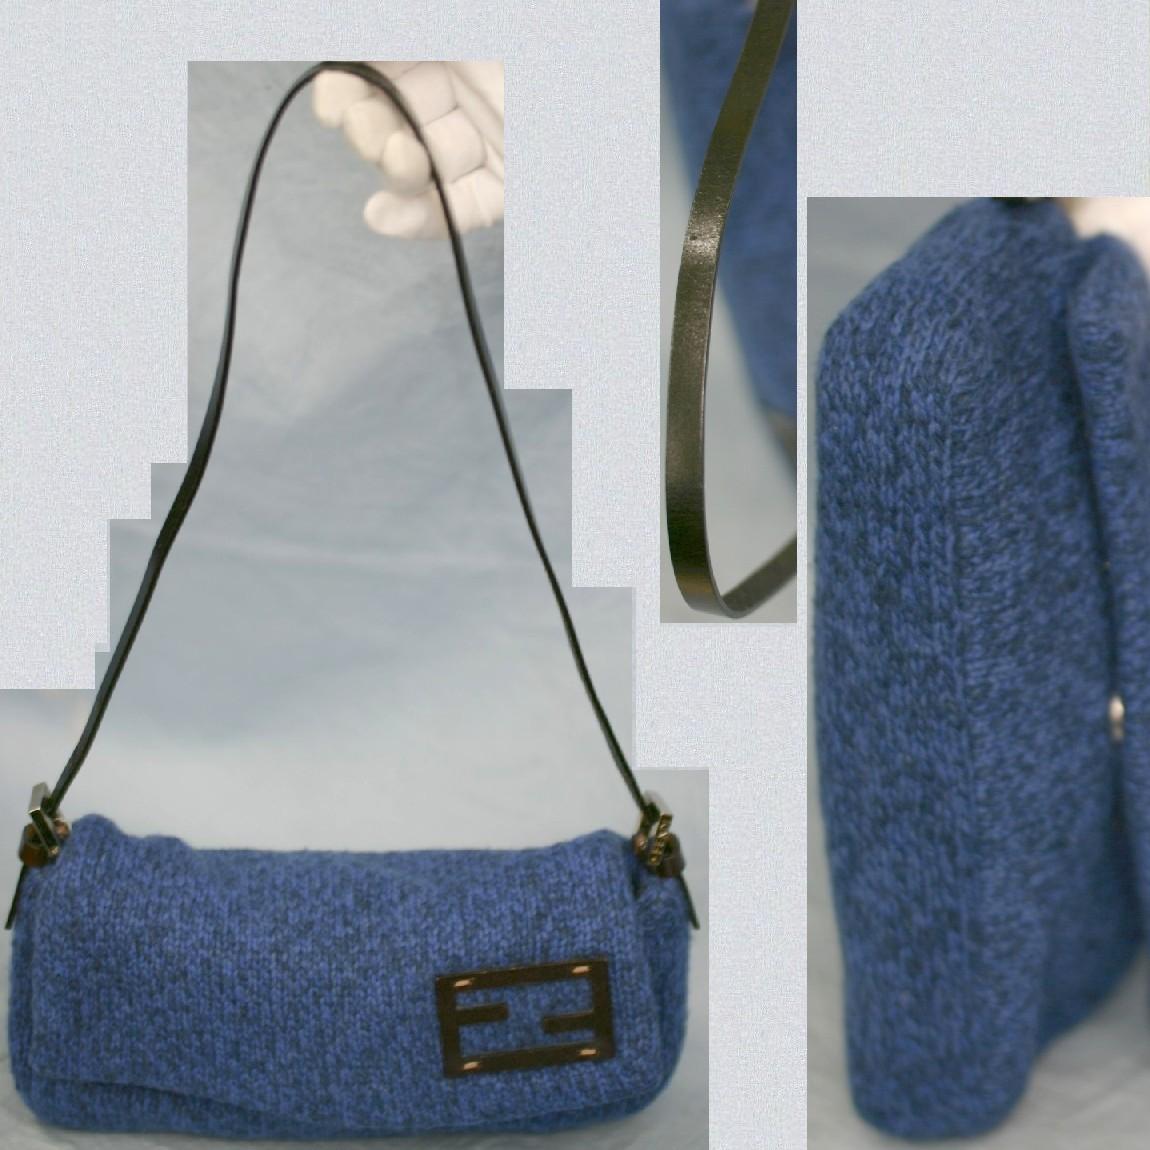 【中古】本物新品同様フェンディ女性用暖かい濃紺系ウール素材バゲットショルダー